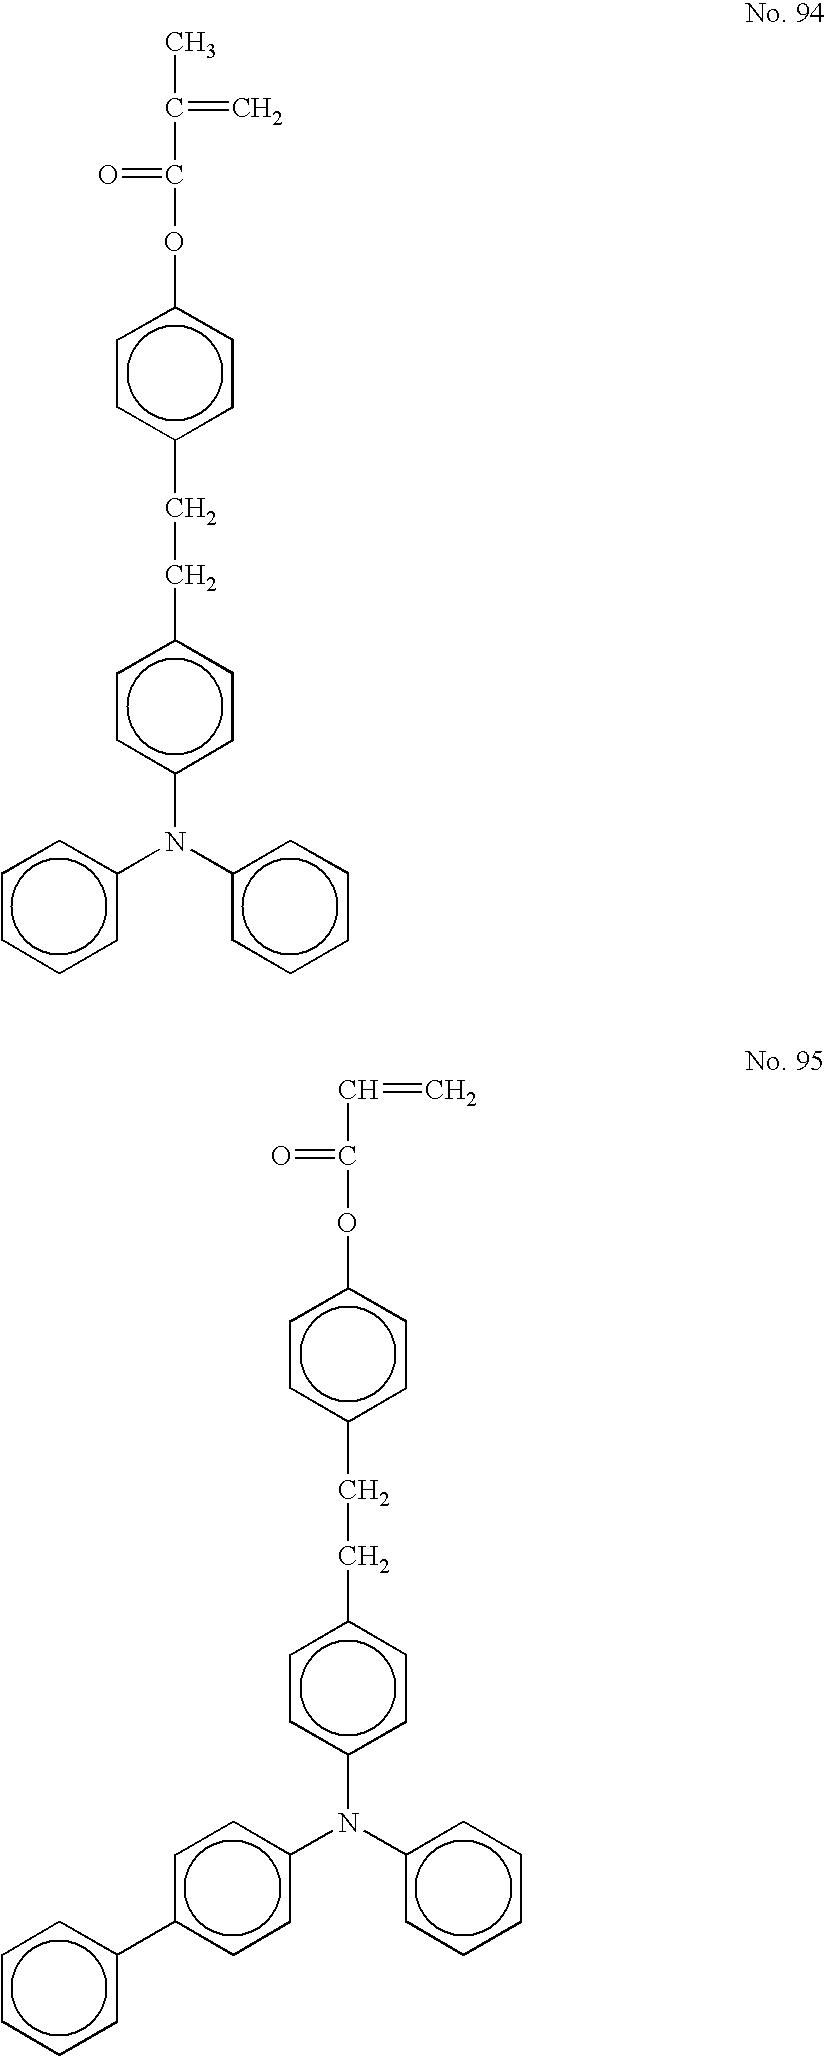 Figure US20050158641A1-20050721-C00045